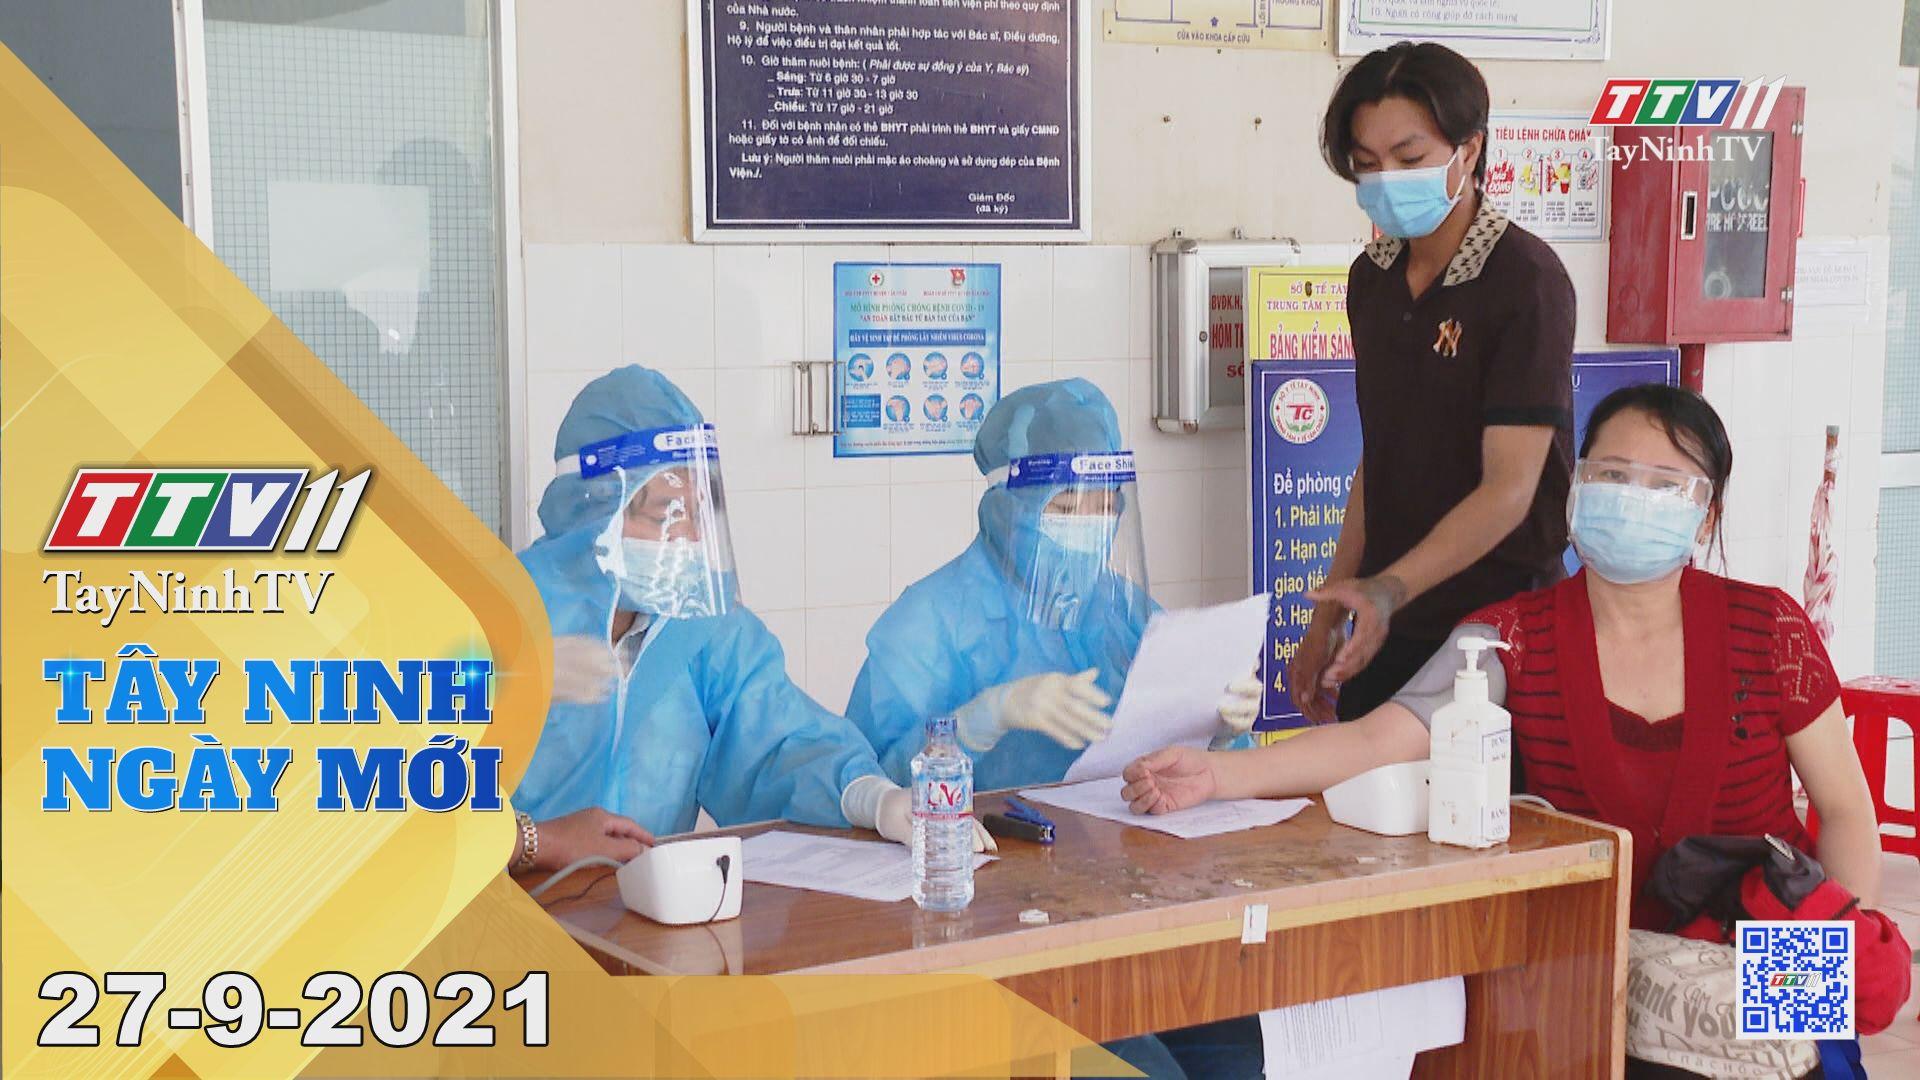 Tây Ninh Ngày Mới 27/9/2021 | Tin tức hôm nay | TayNinhTV